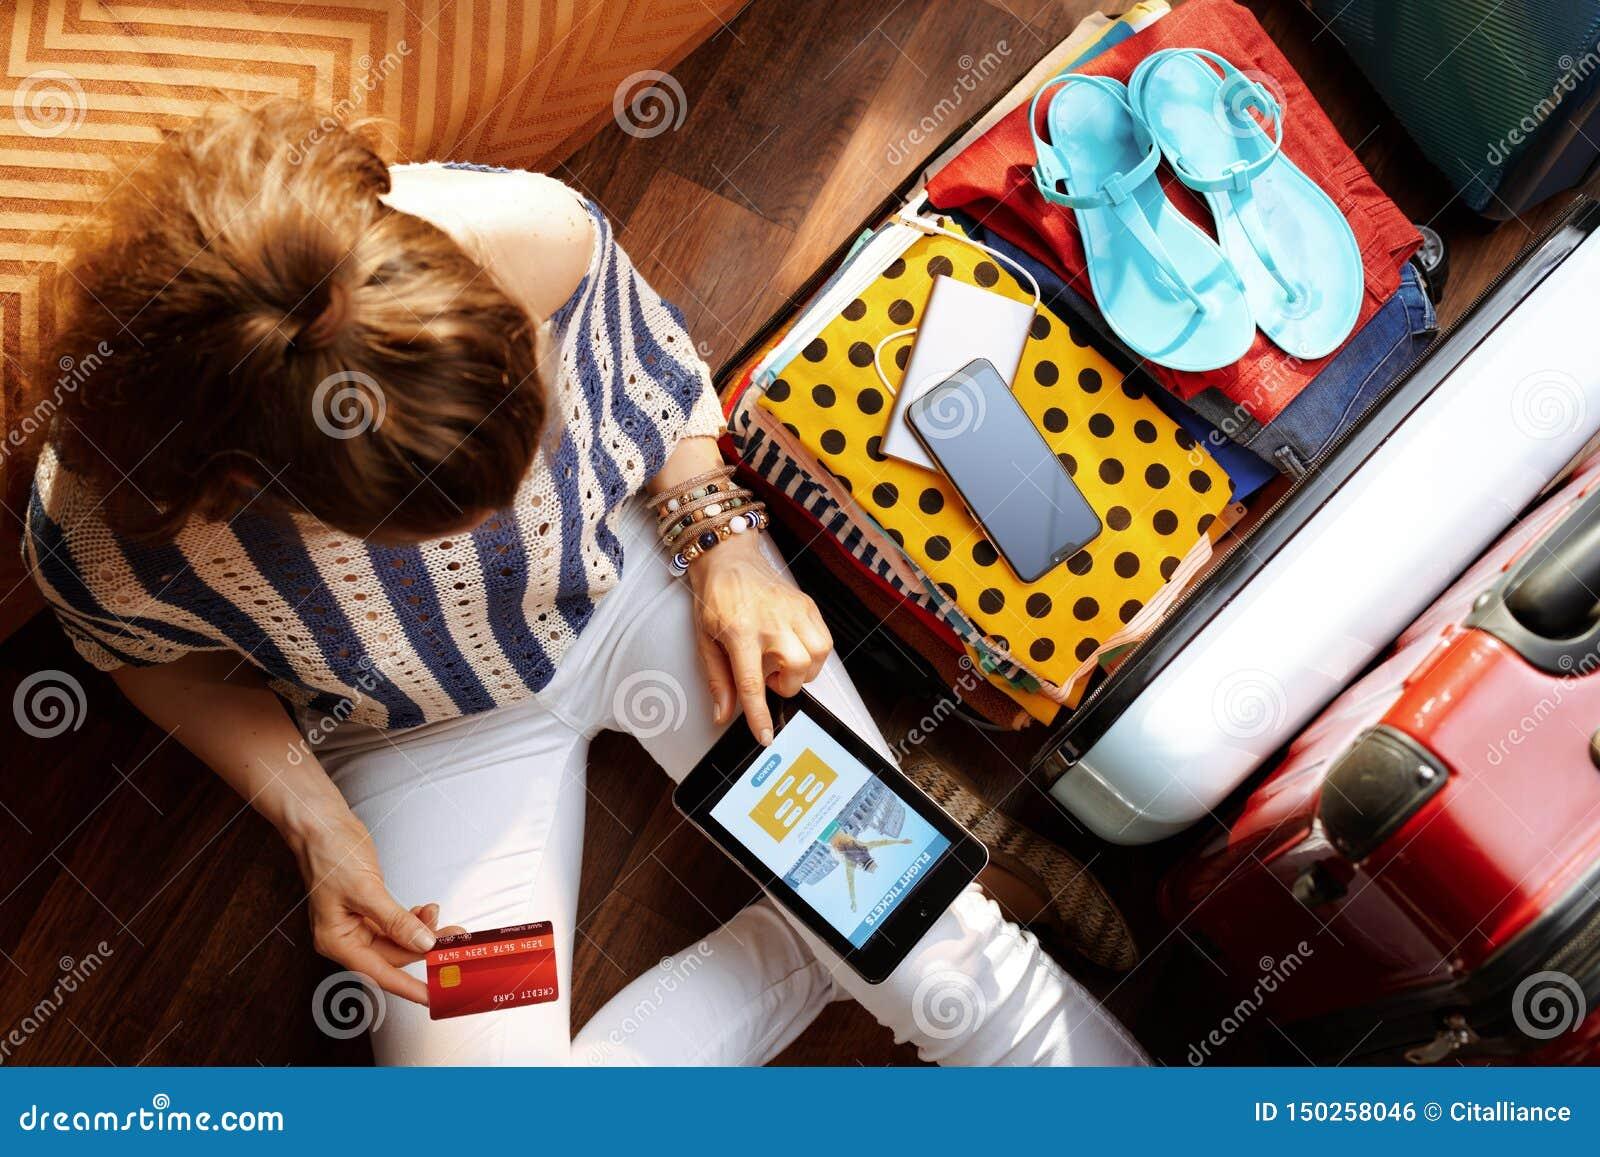 Buchflug der jungen Frau auf Tablet-PC nahe offenem Reisekoffer